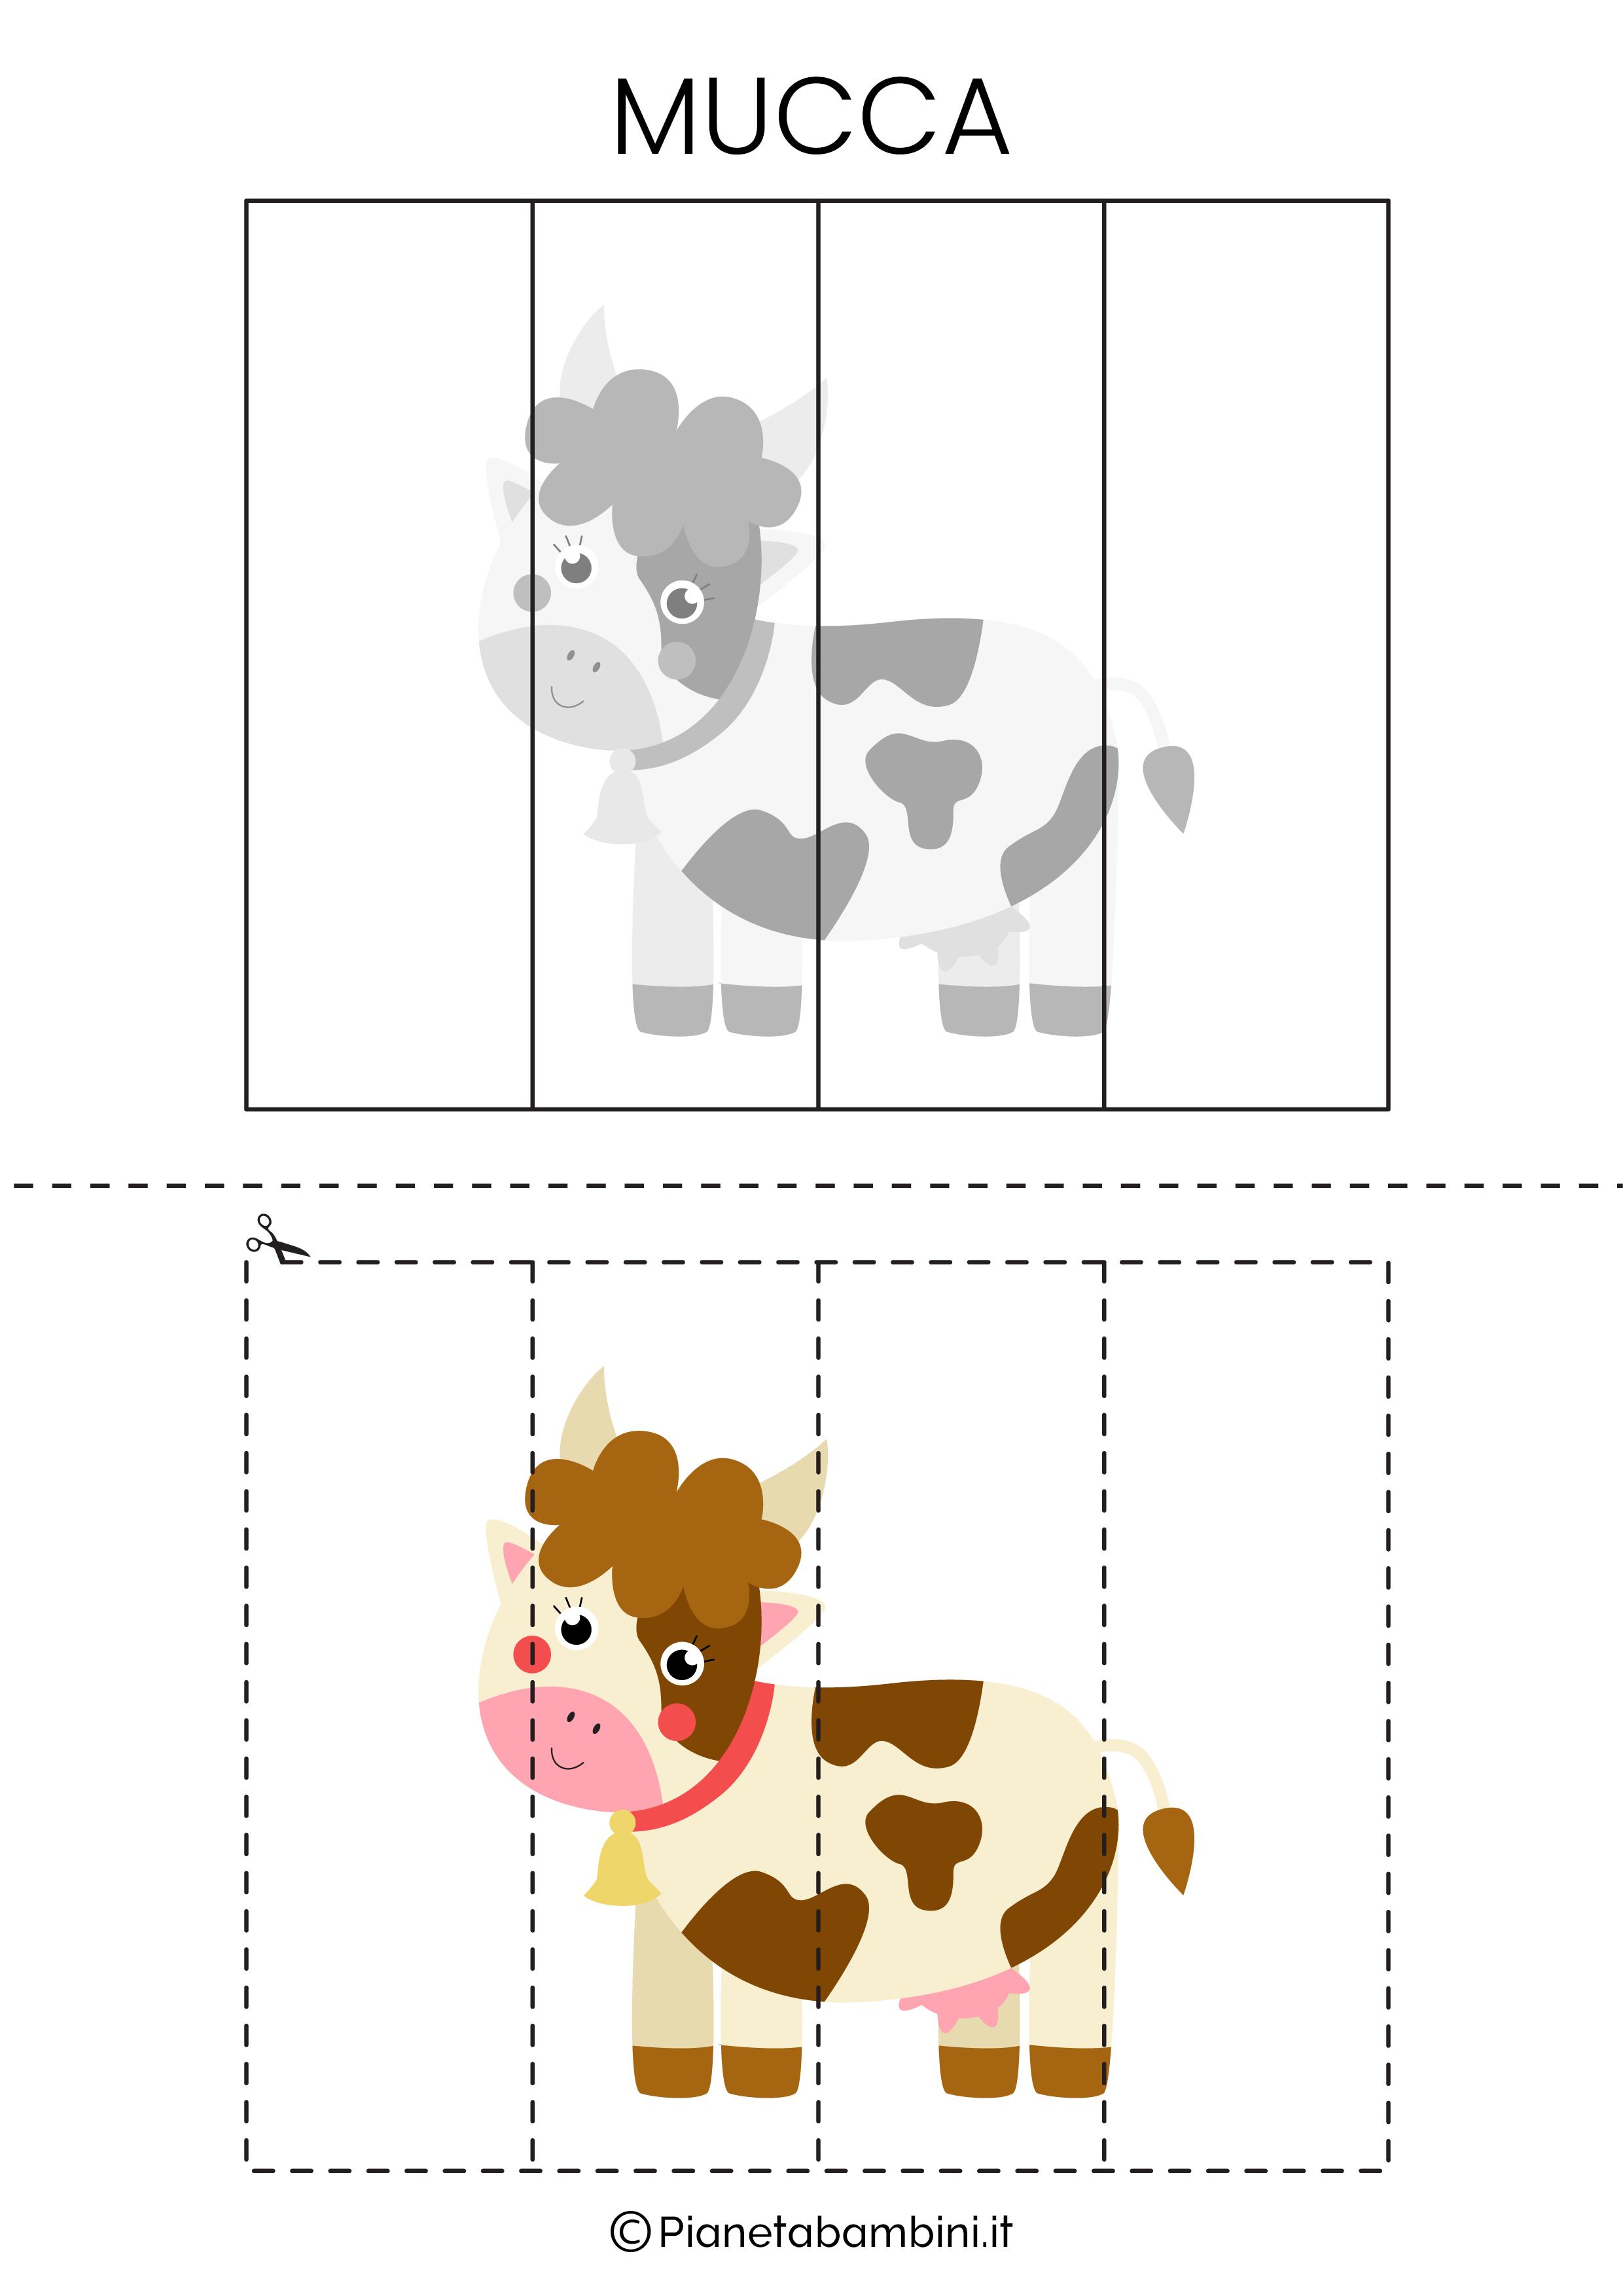 Puzzle della mucca da 4 pezzi da ritagliare e ricomporre